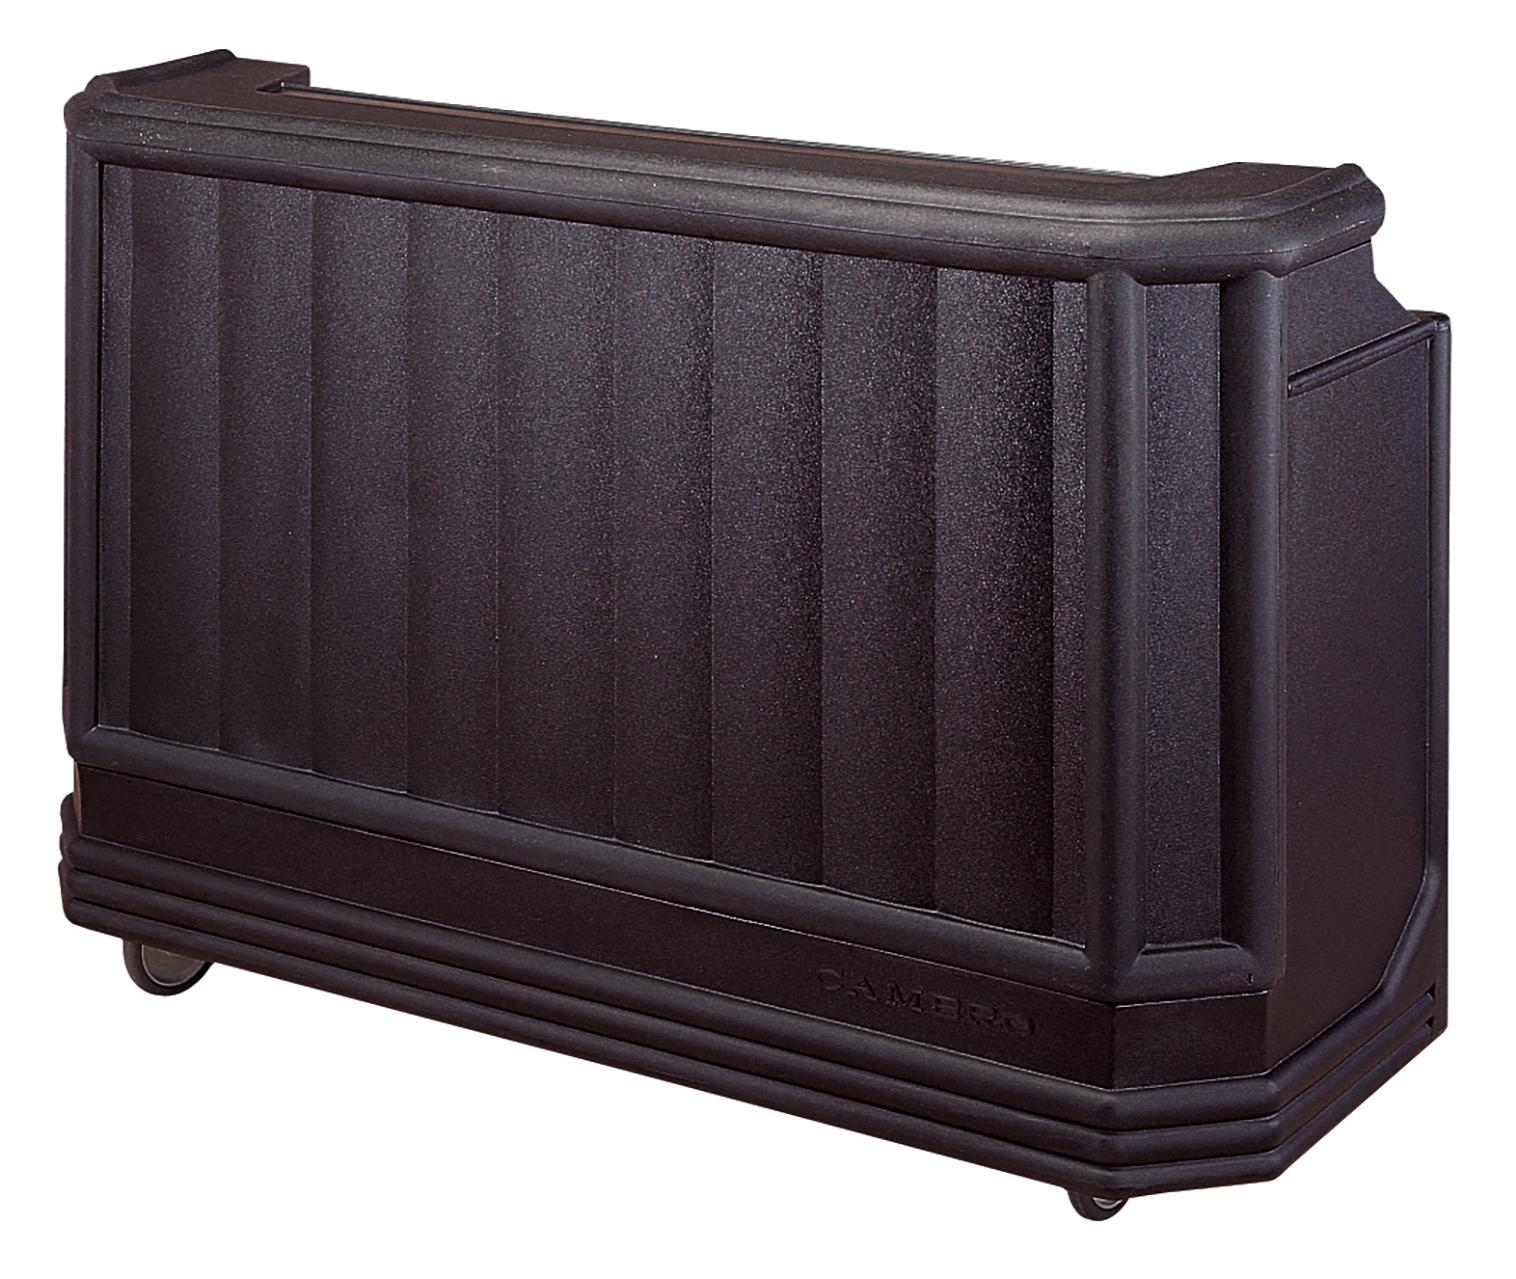 Cambro BAR730DX110 portable bar